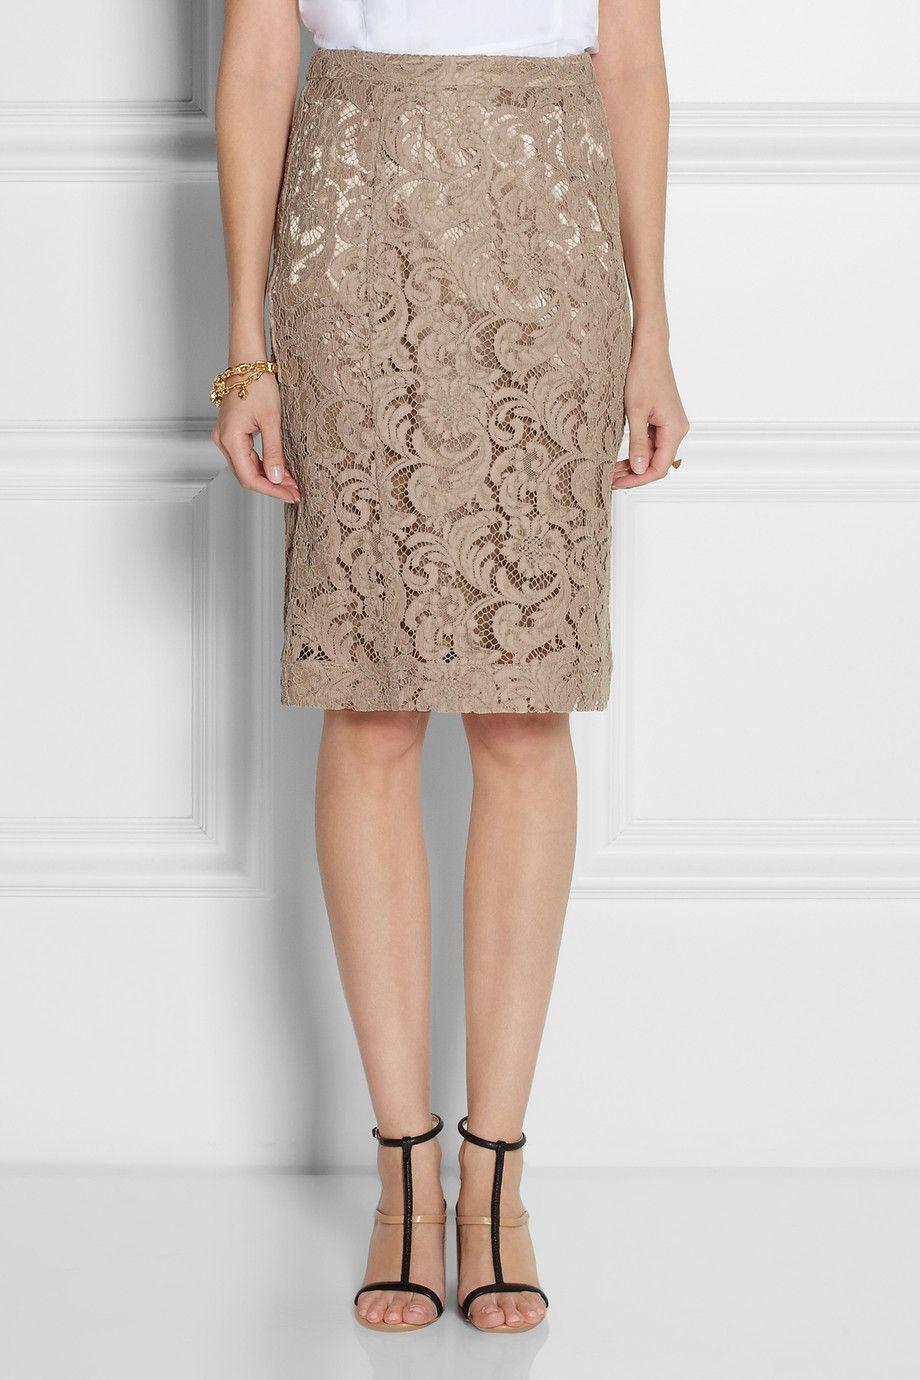 Burberry London Cotton-blend lace pencil skirt NET-A-PORTER.COM